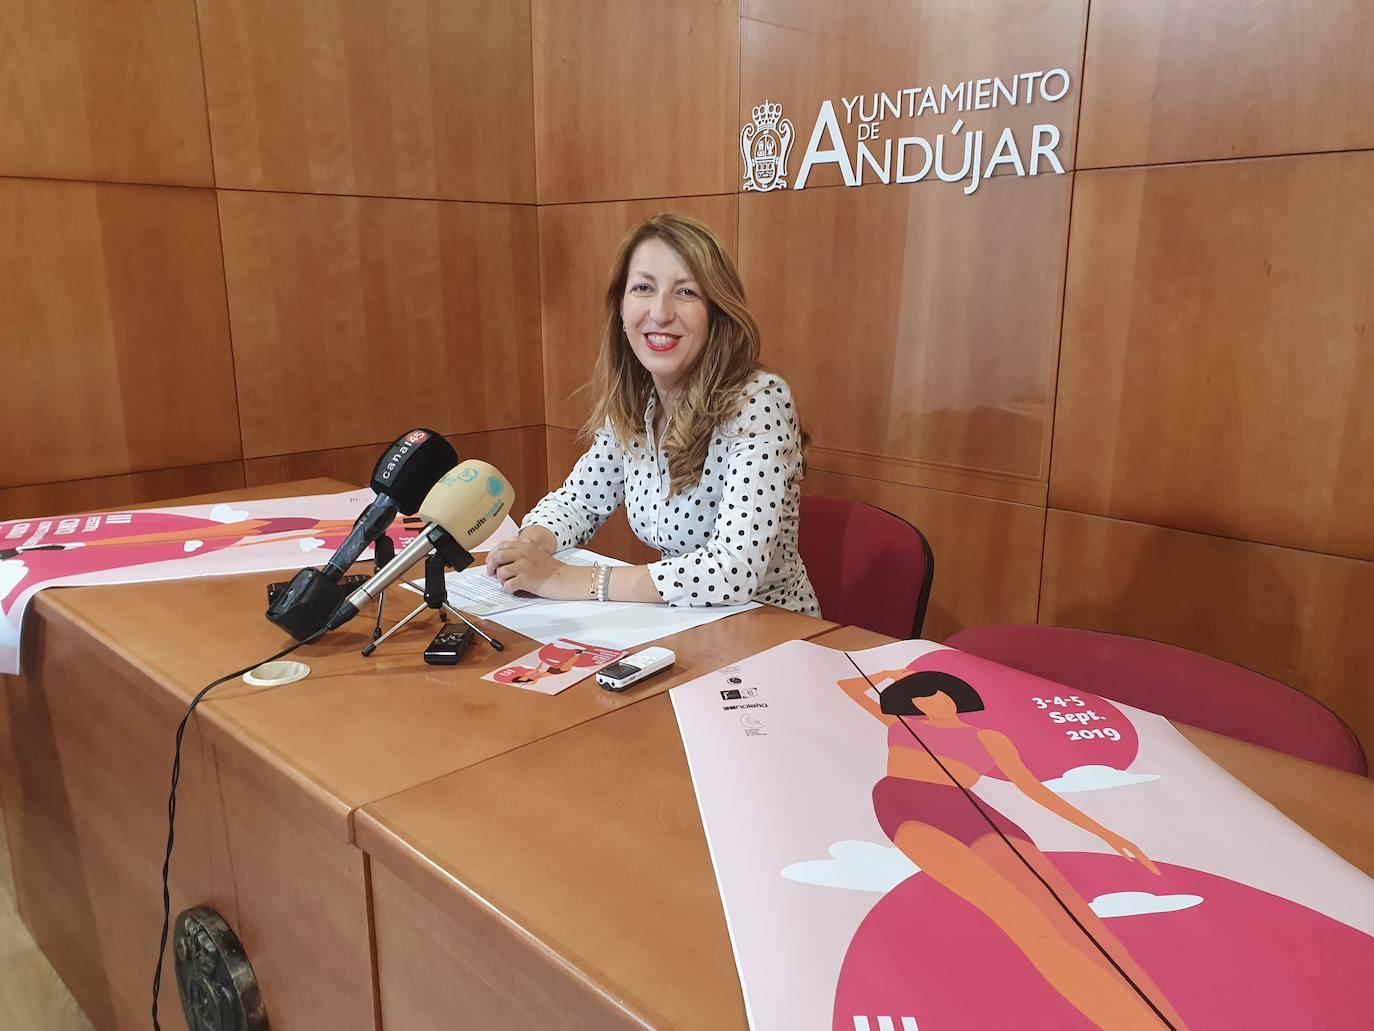 Los talleres se incorporan al III Festival de Circo Contemporáneo Ciudad de Andújar